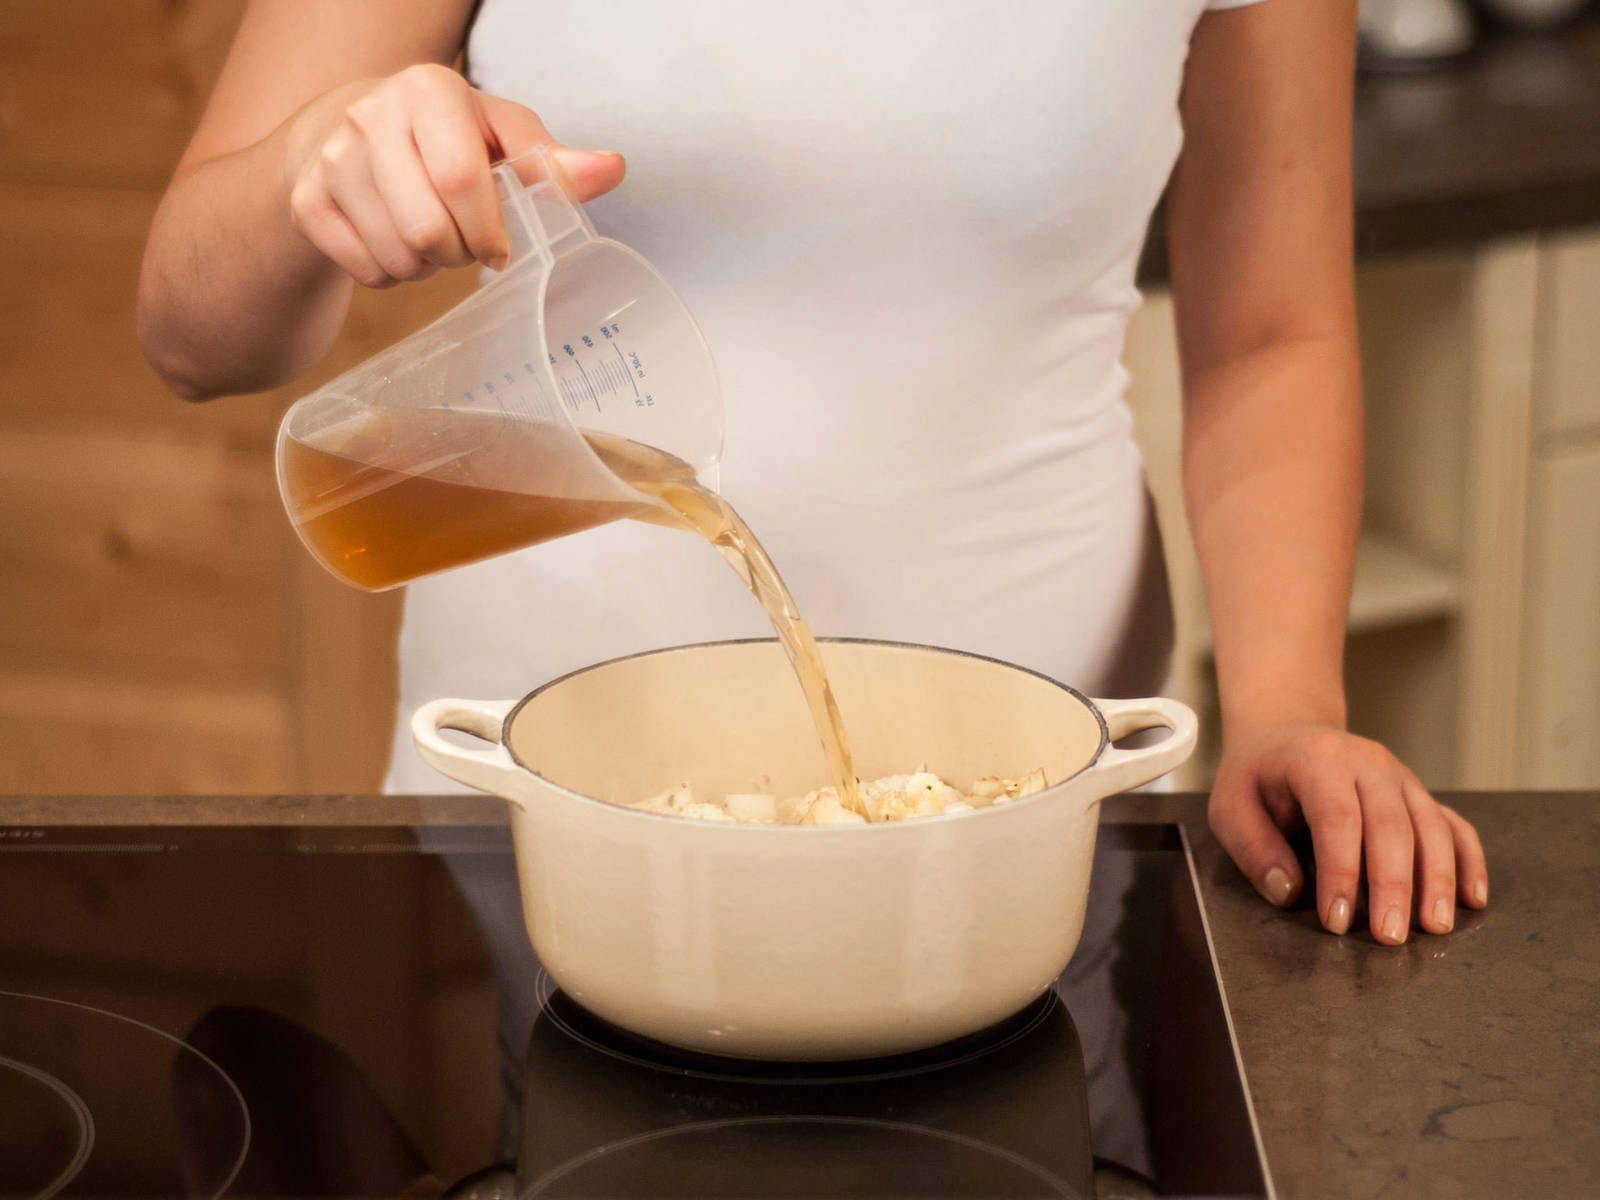 Mit Gemüsebrühe ablöschen. Aufkochen, Hitze reduzieren und ca. 8 – 10 Min. weiter köcheln lassen, bis der Blumenkohl gar ist.